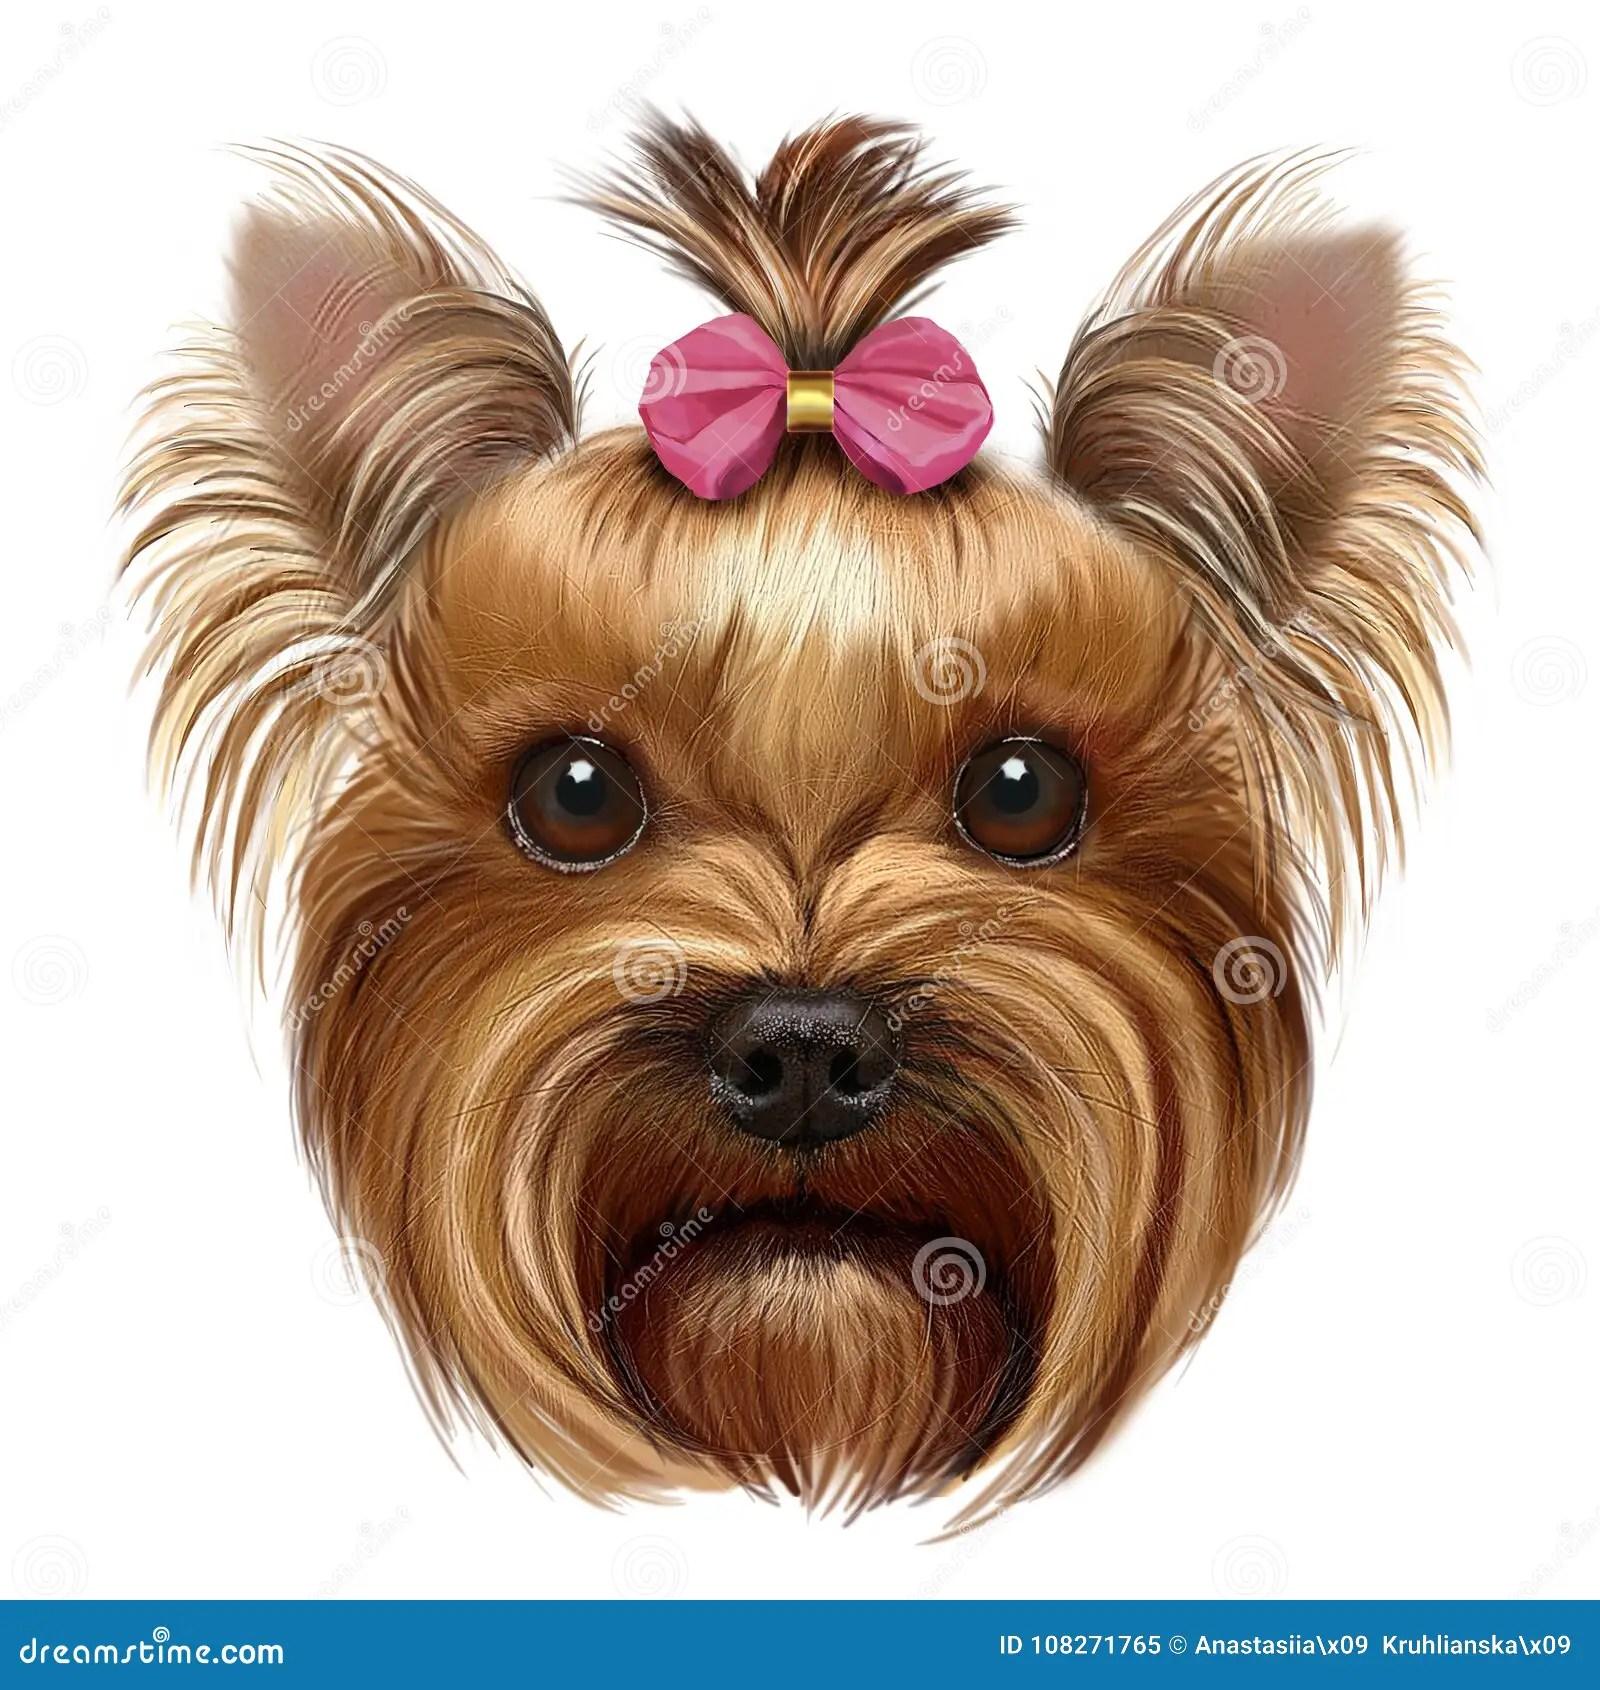 Download Wallpaper Of Cute Puppies Yorkshire Terrier Com Curva Cor De Rosa Imagem De Stock